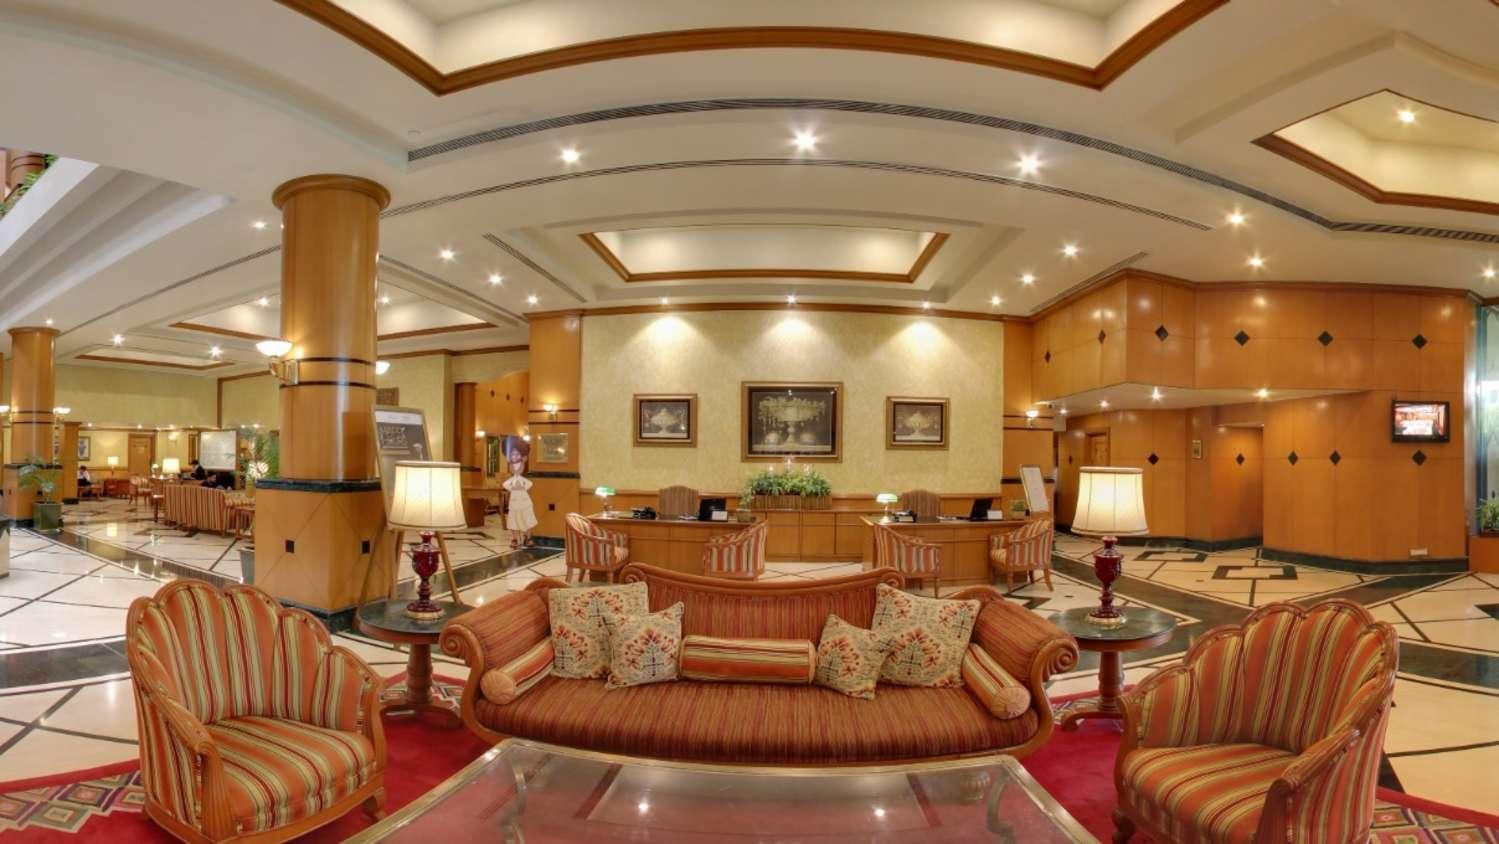 Hotels near Mumbai Domestic Terminal 1, India. - Booking.com